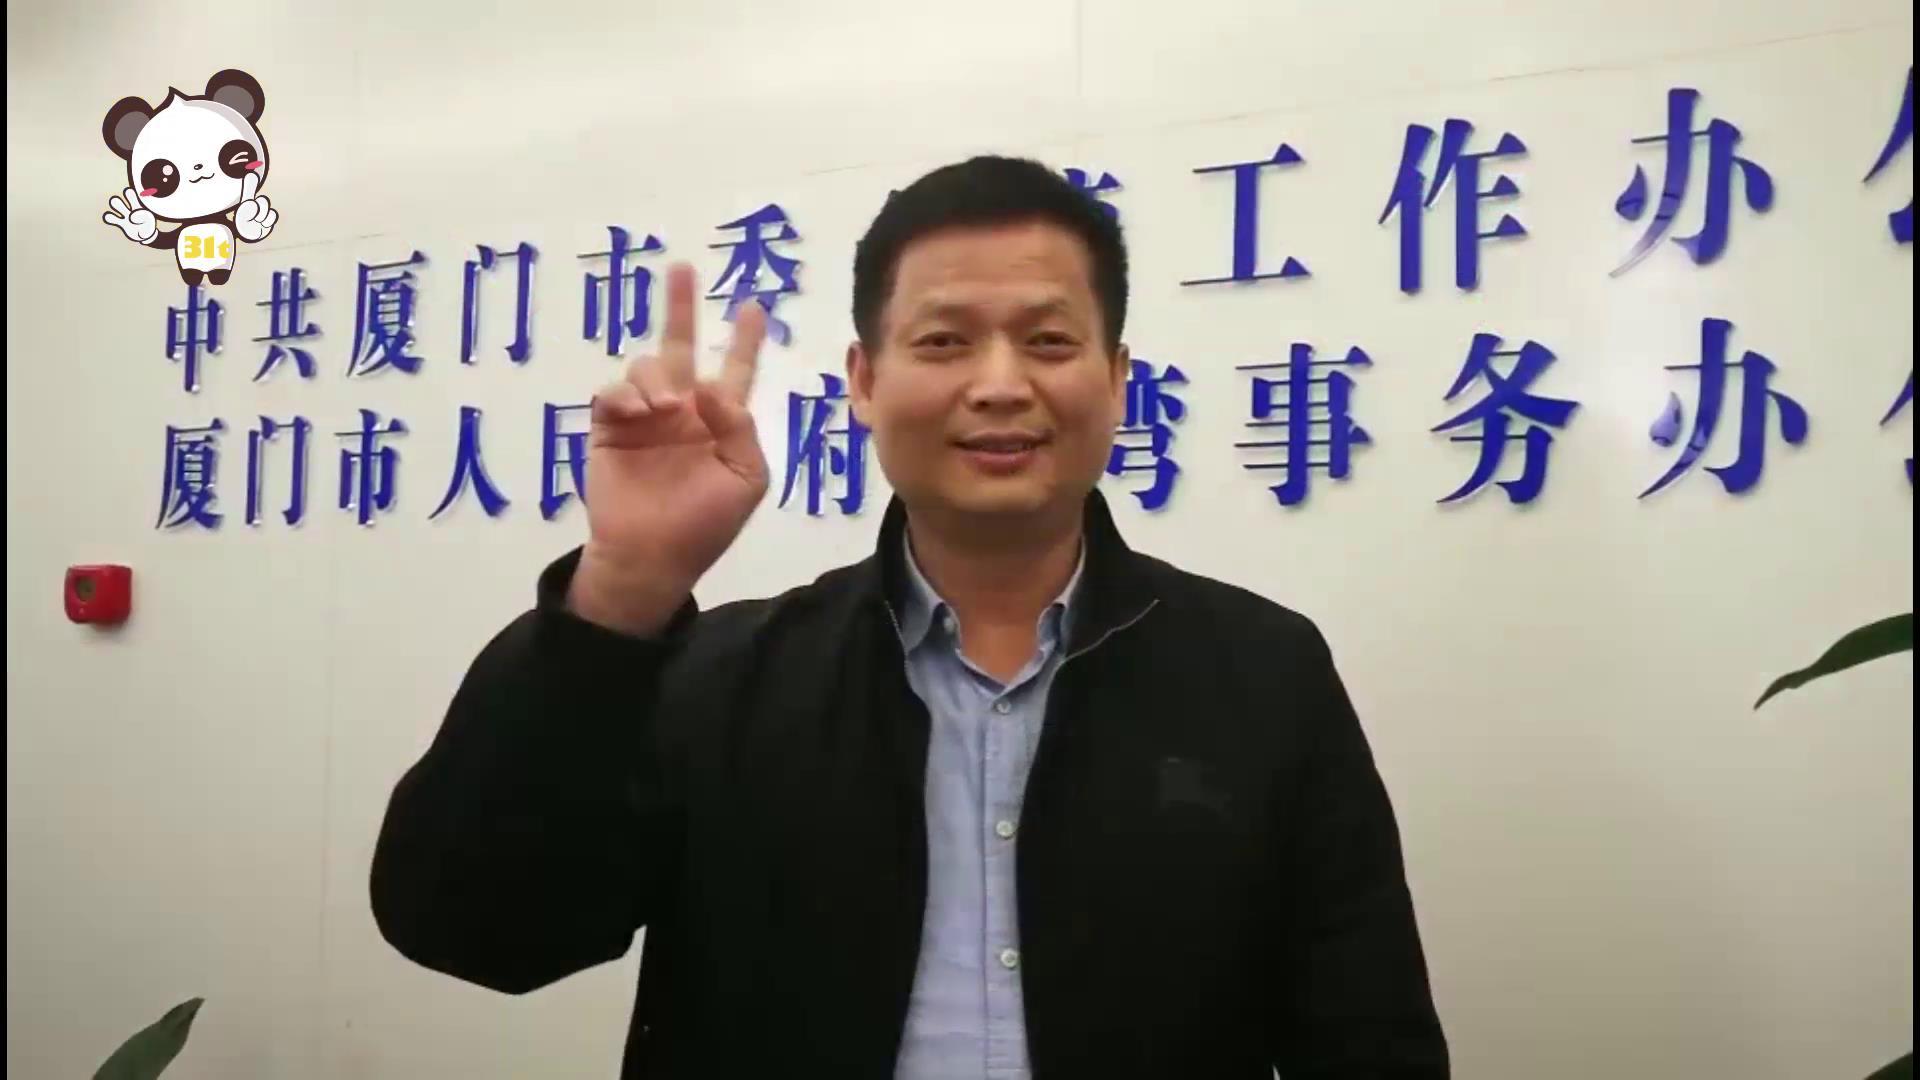 """36.福建省厦门市台办副主任贺""""31条""""APP产品发布图片"""